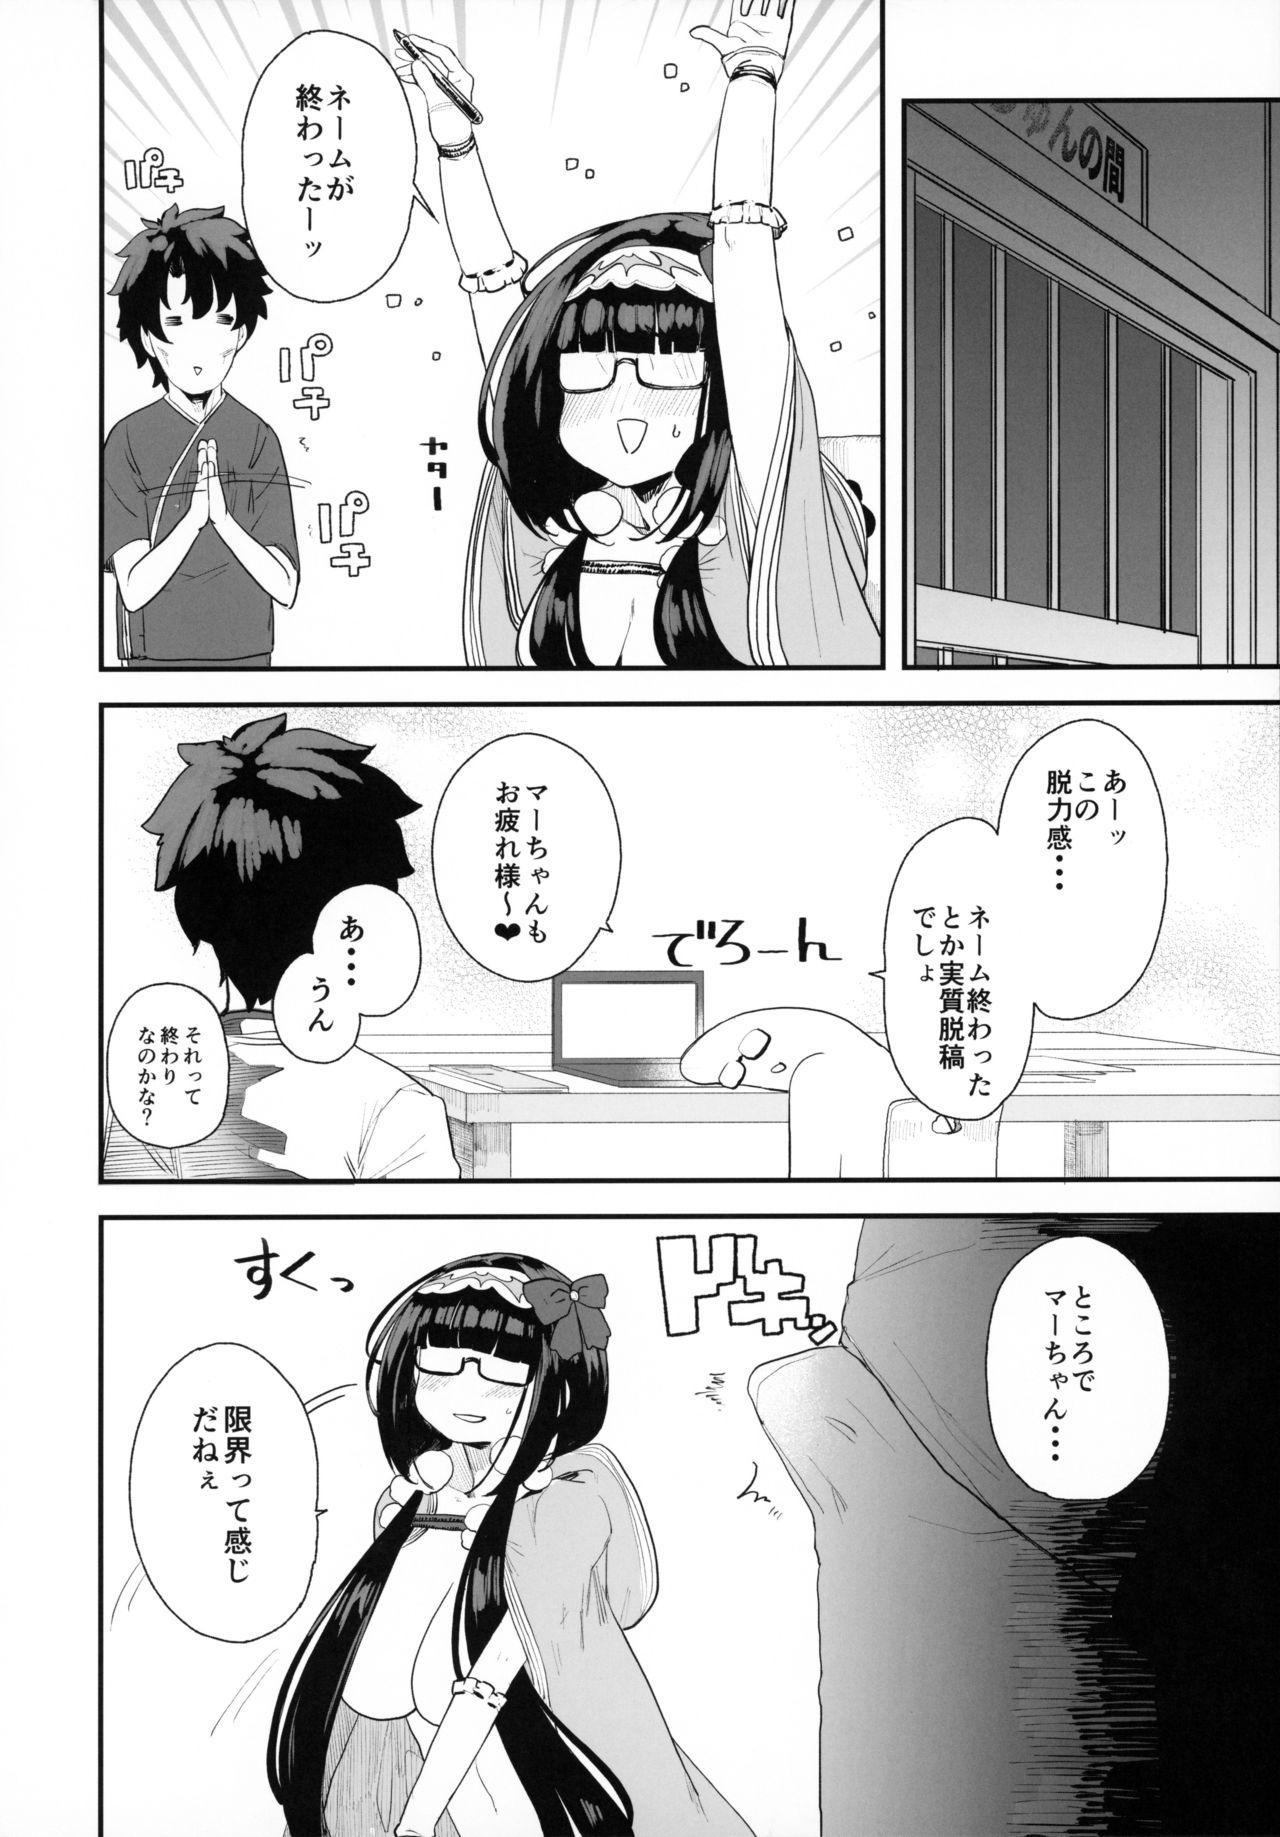 Enmatei Hanshokuki Osakabehime 26